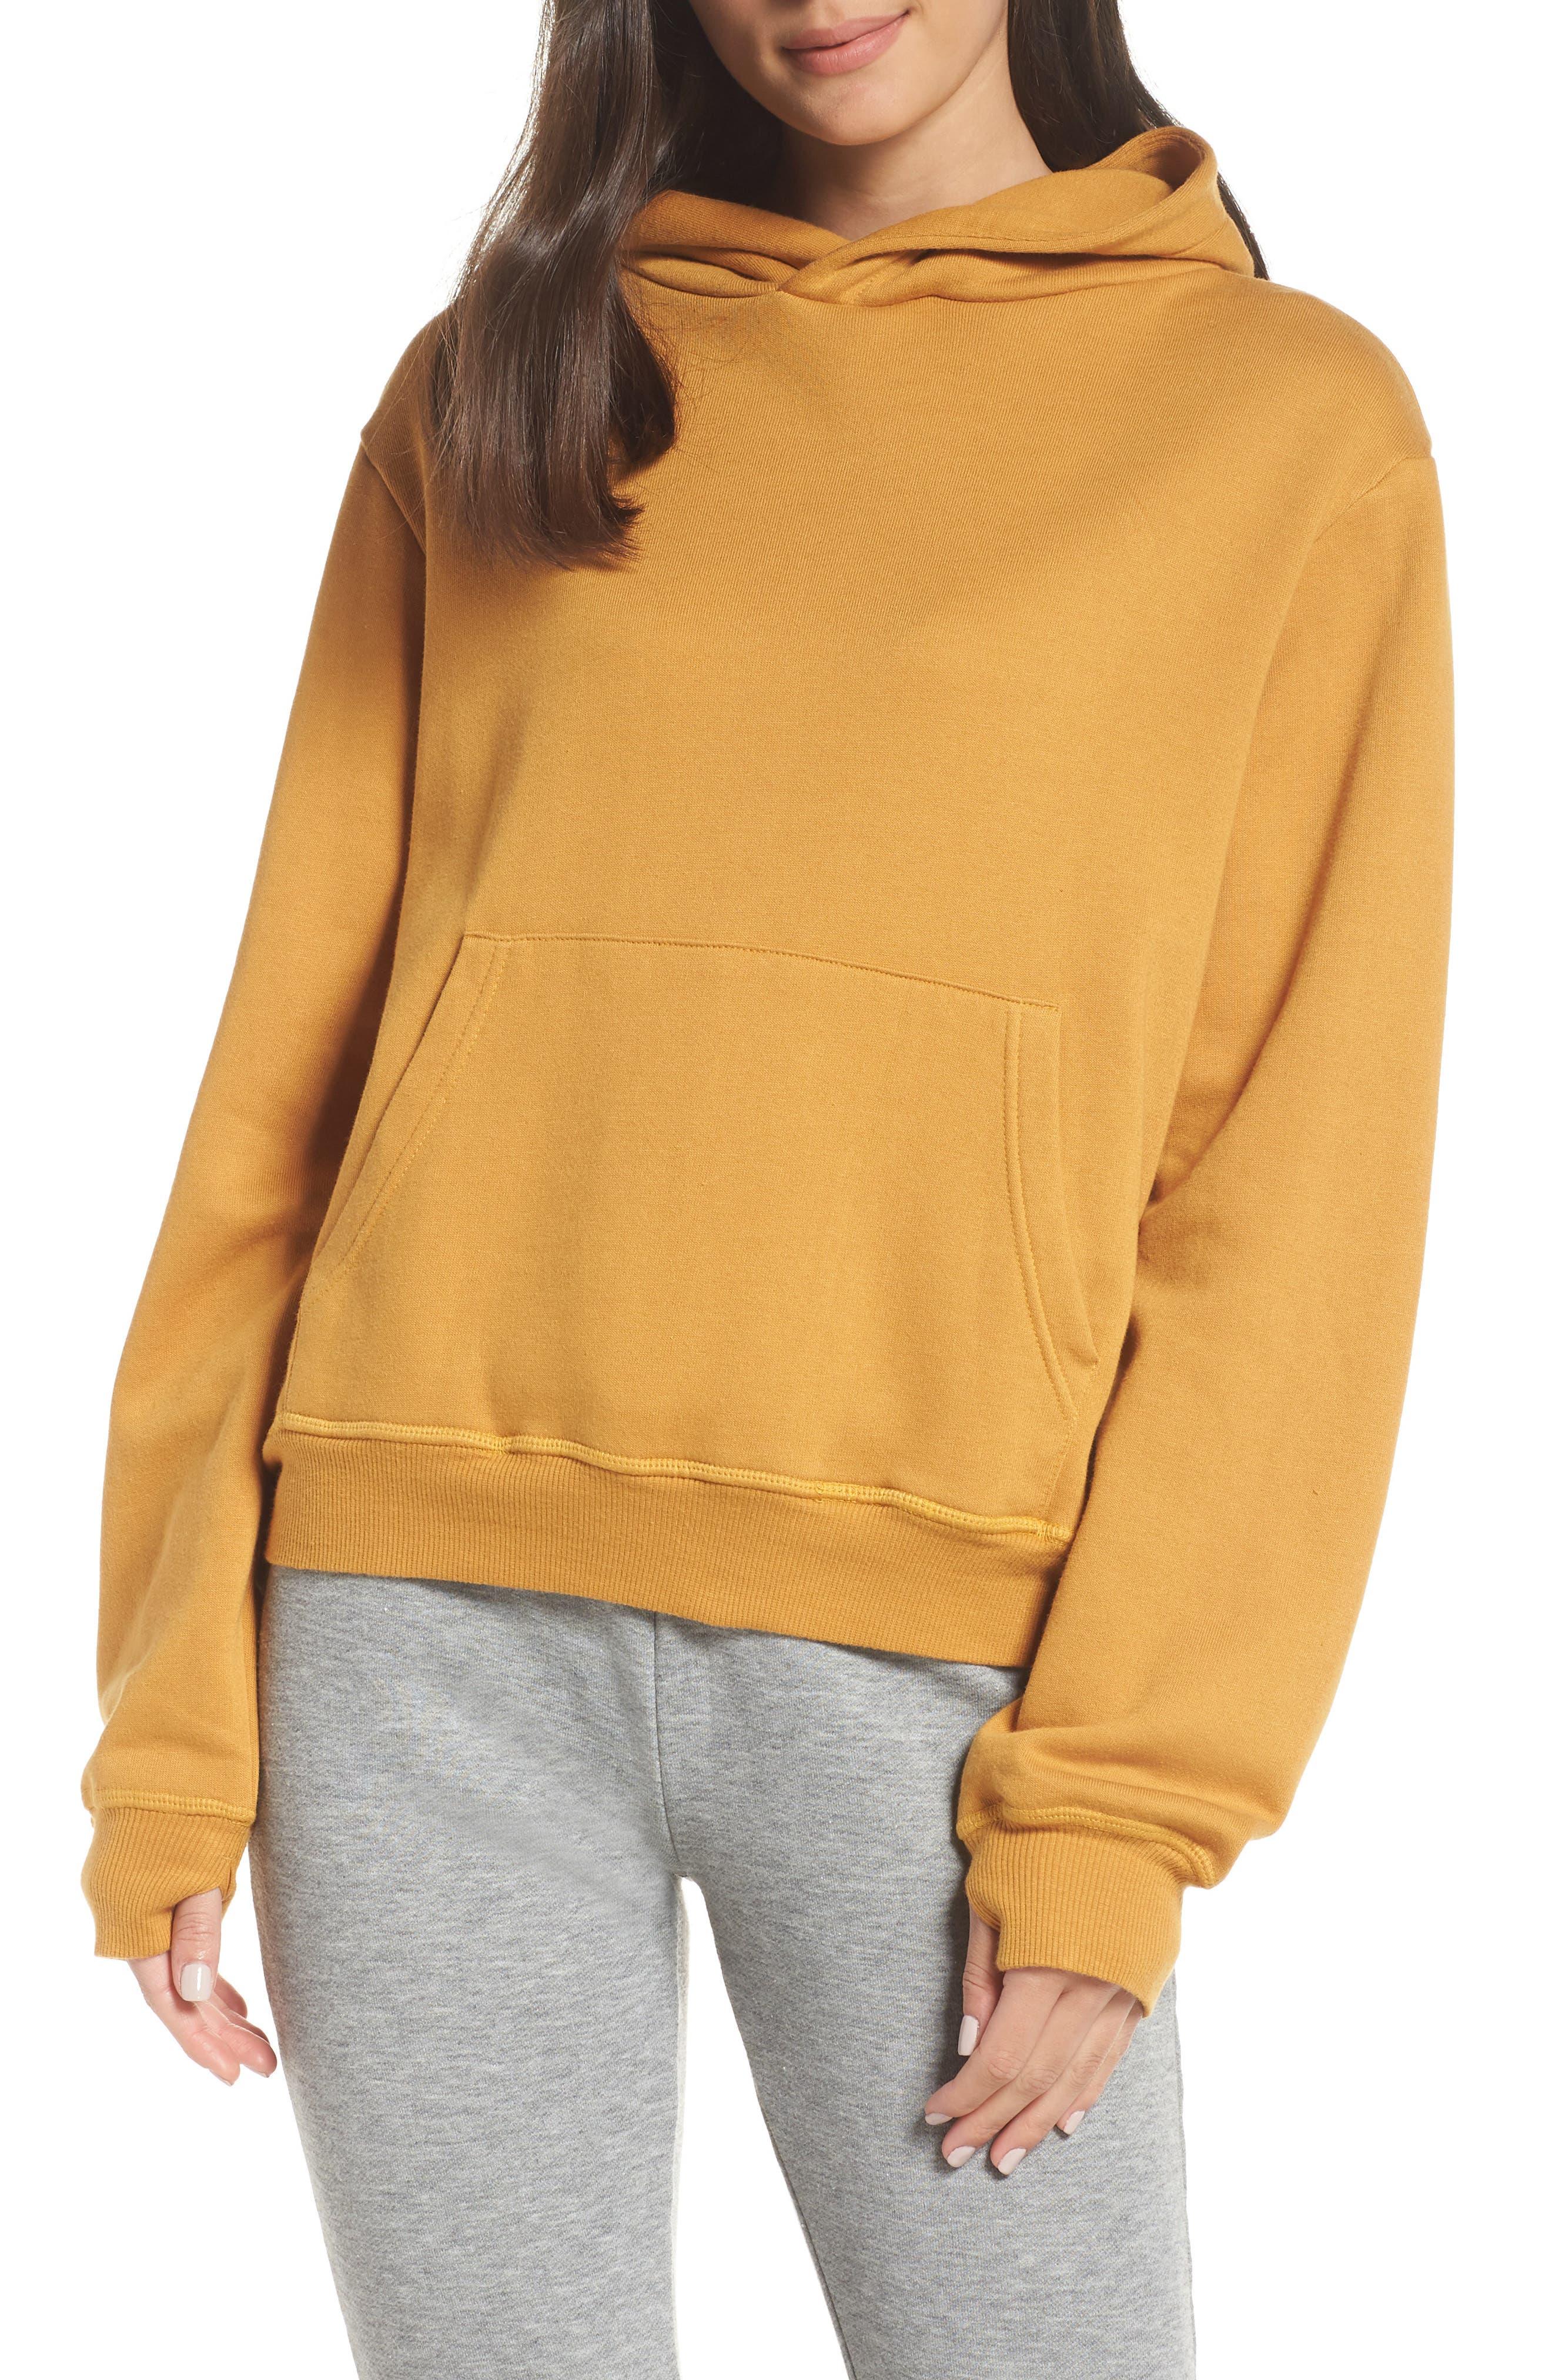 RAGDOLL Hoodie Sweatshirt in Dark Yellow